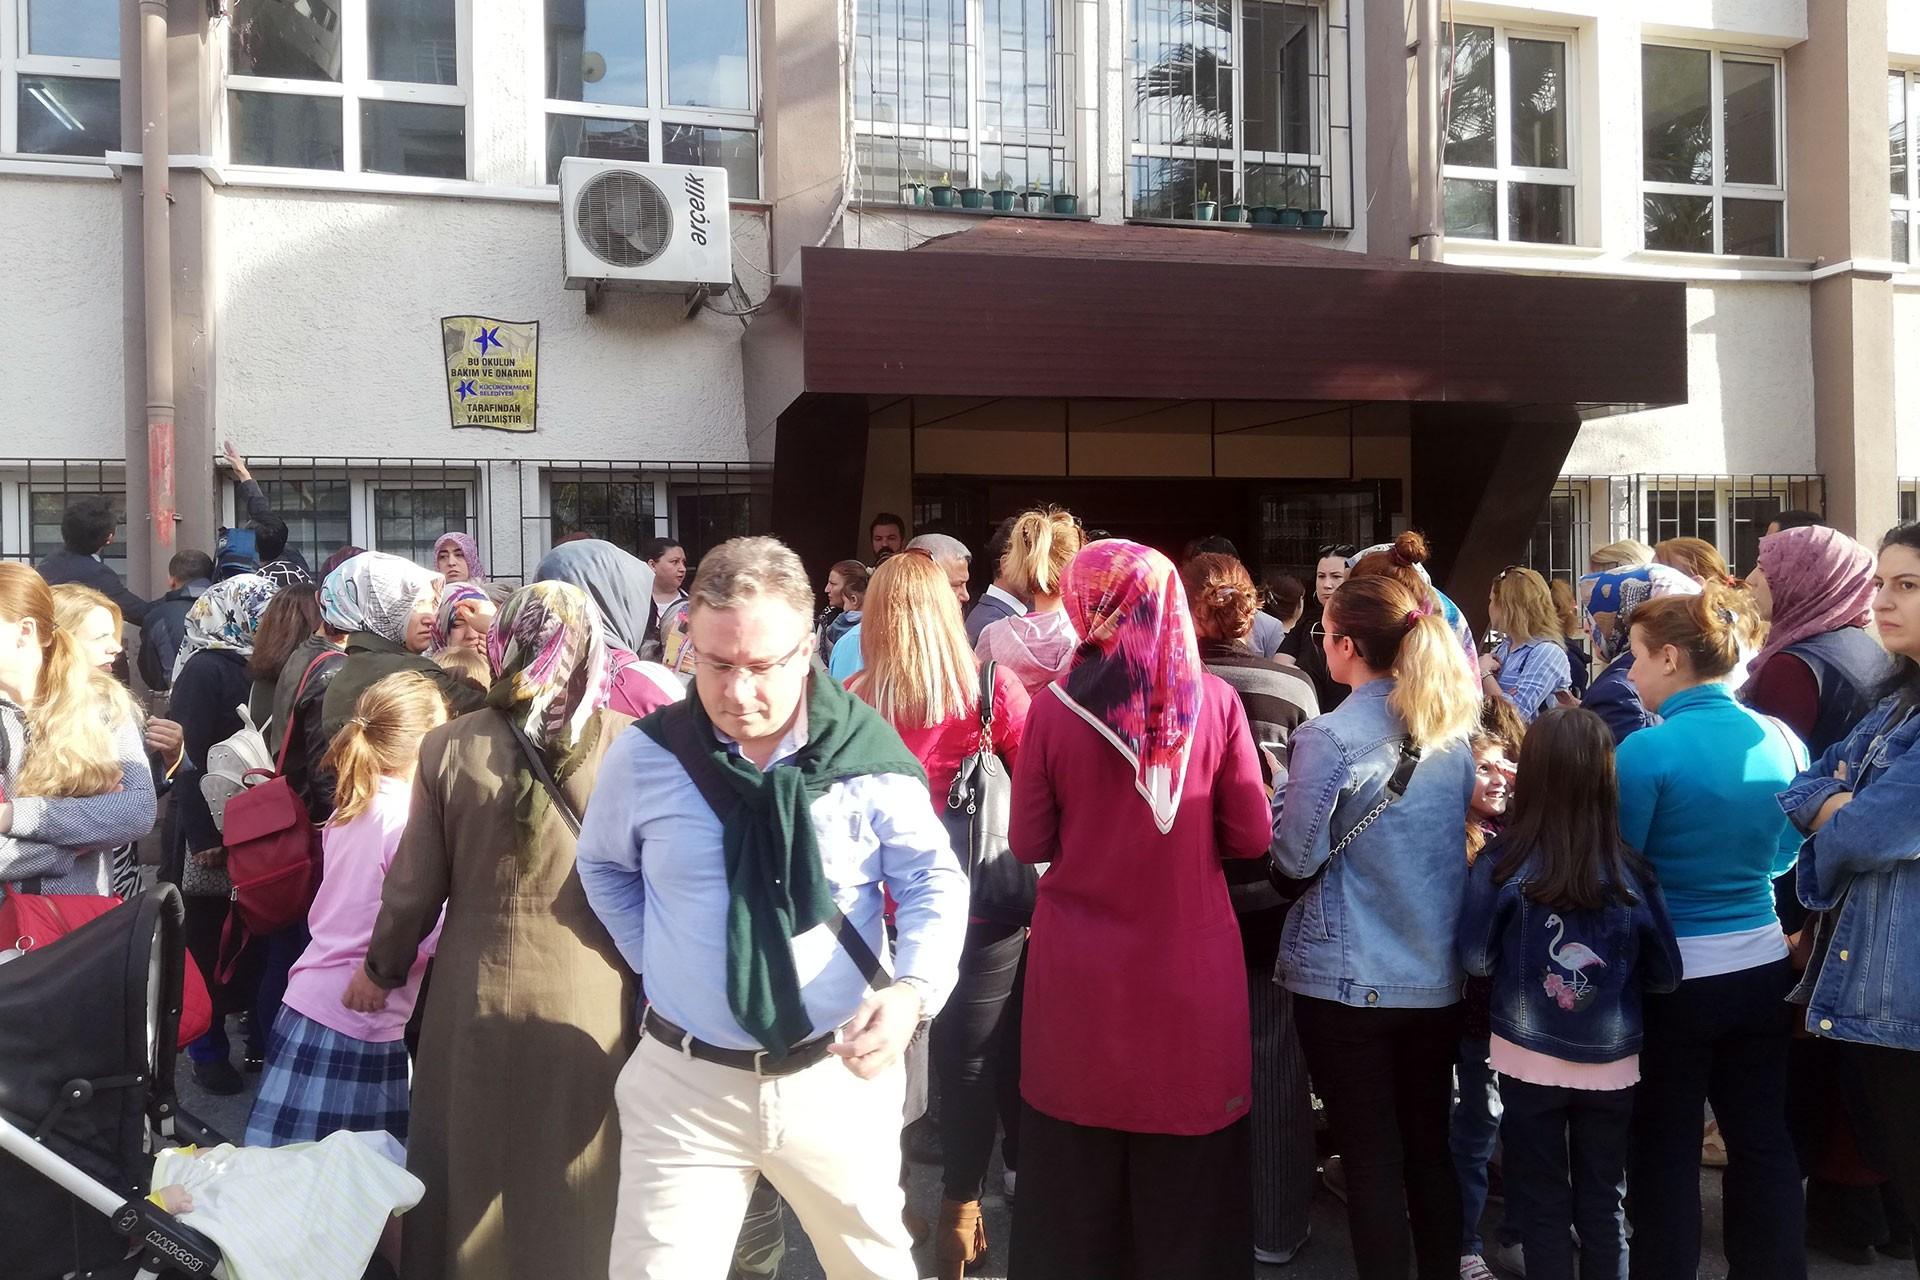 Duvarlarında çatlak olan okul önünde eylem: Veliler tedirgin, müdür rahat